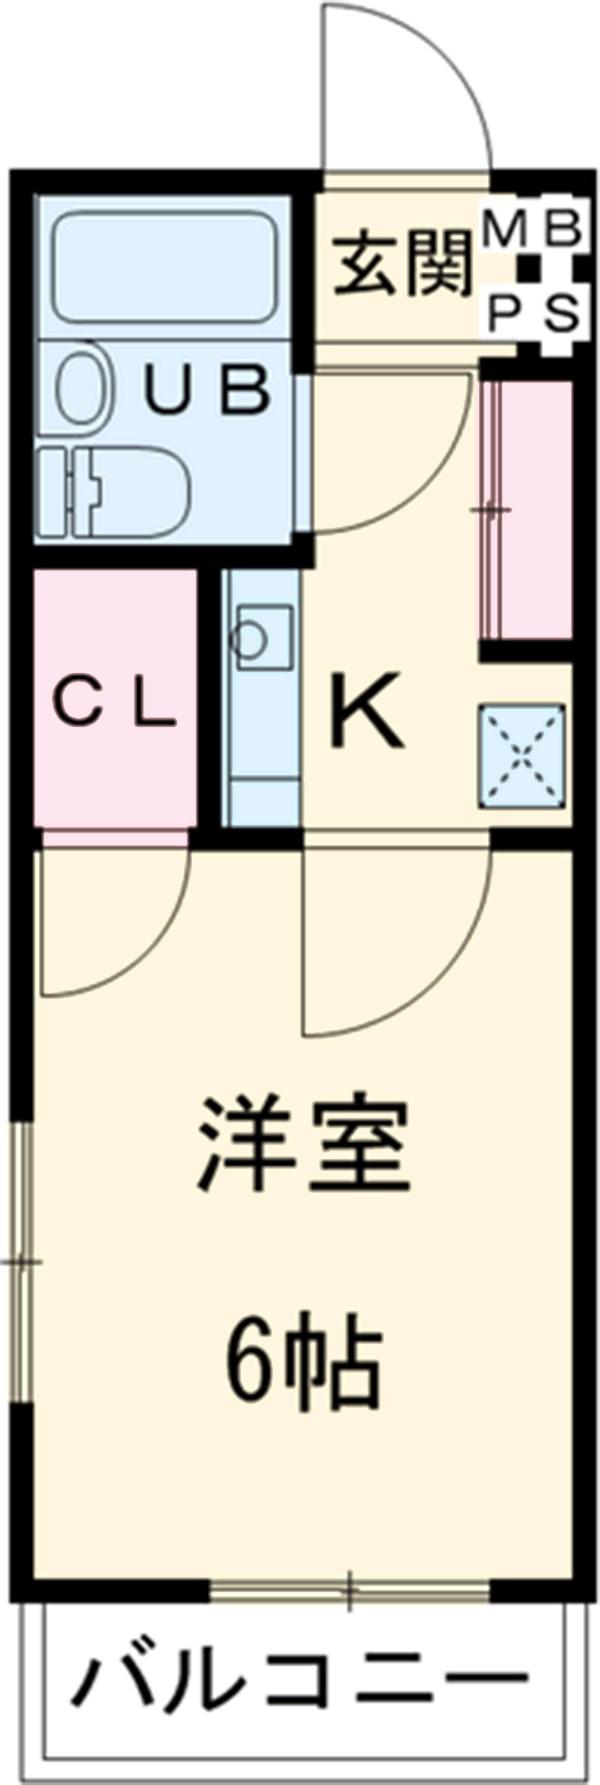 メープルコート駒沢 101号室の間取り